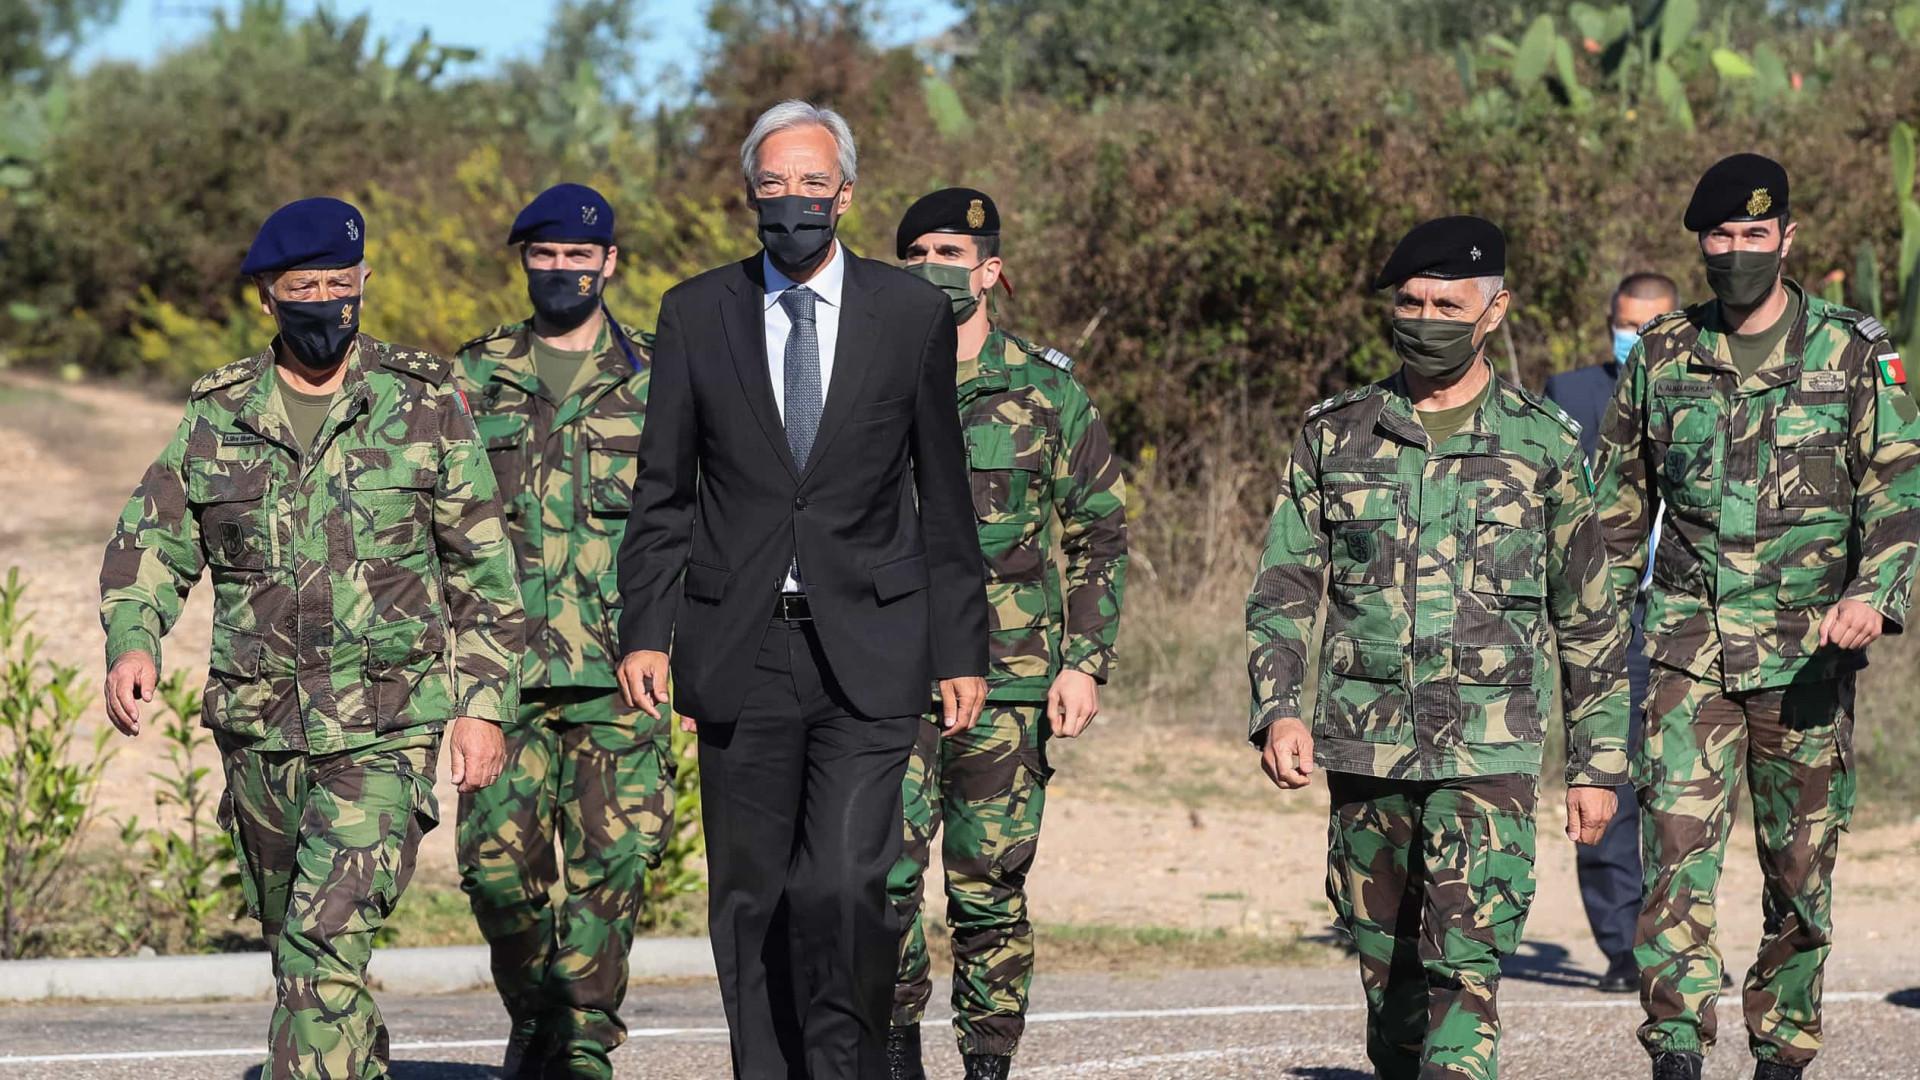 Forças Armadas devem preparar-se para mais missões de apoio civil